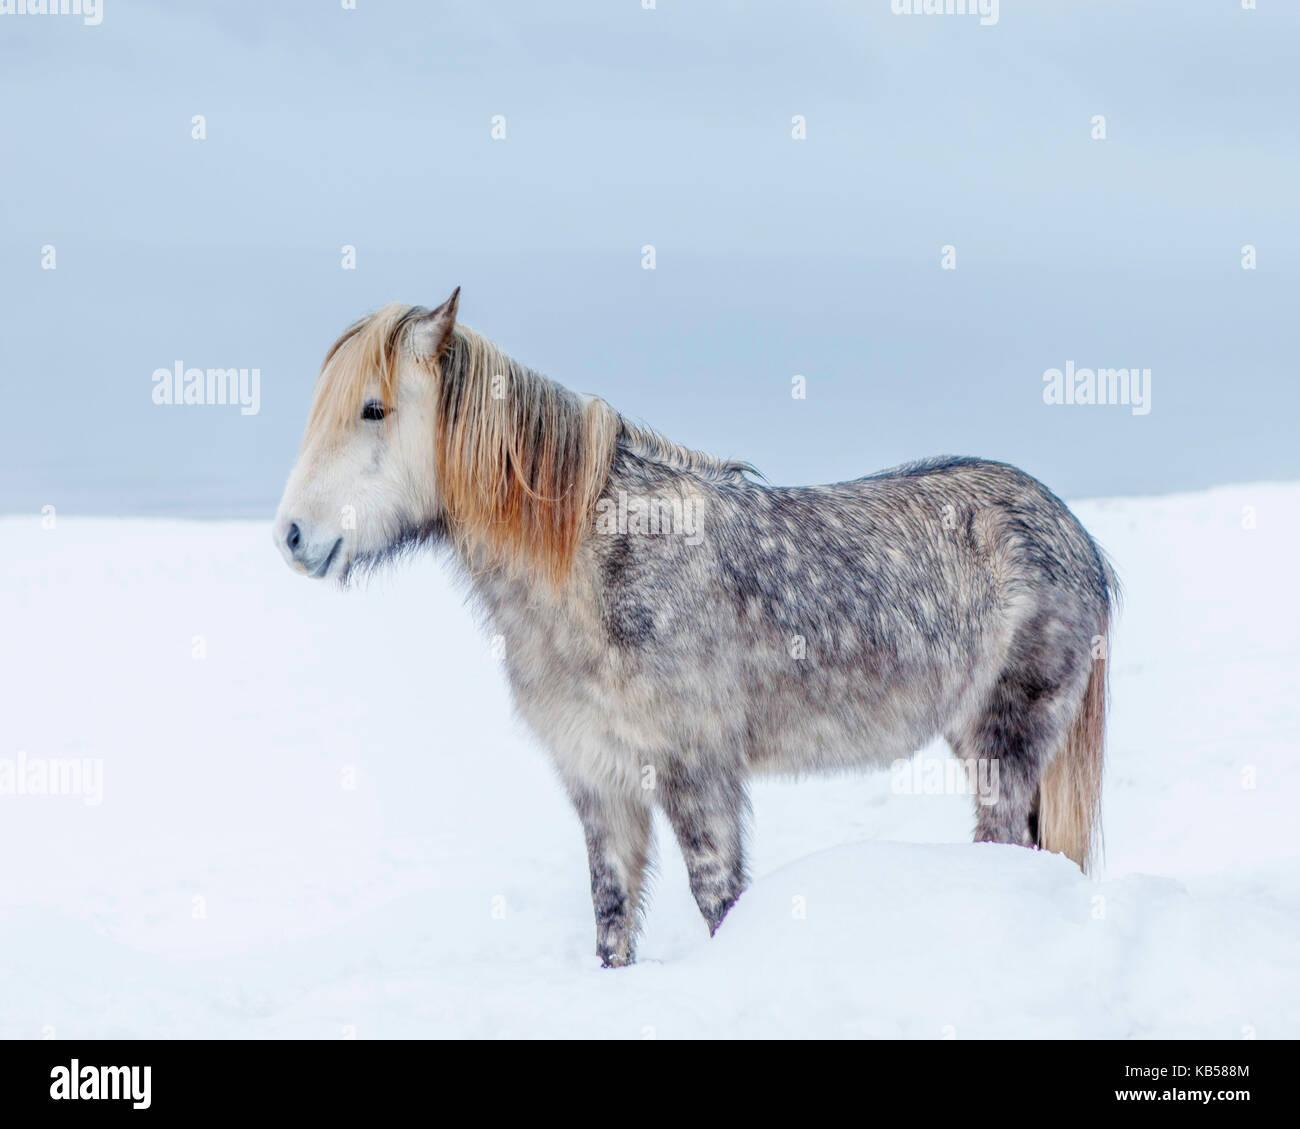 Retrato caballo islandés, Islandia el caballo islandés es una raza desarrollada en Islandia con muchas cualidades únicas. Son de larga vida y resistentes y en su país natal tienen pocas enfermedades; la ley islandesa impide que los caballos sean importados al país y no se permite que los animales exportados regresen. Foto de stock